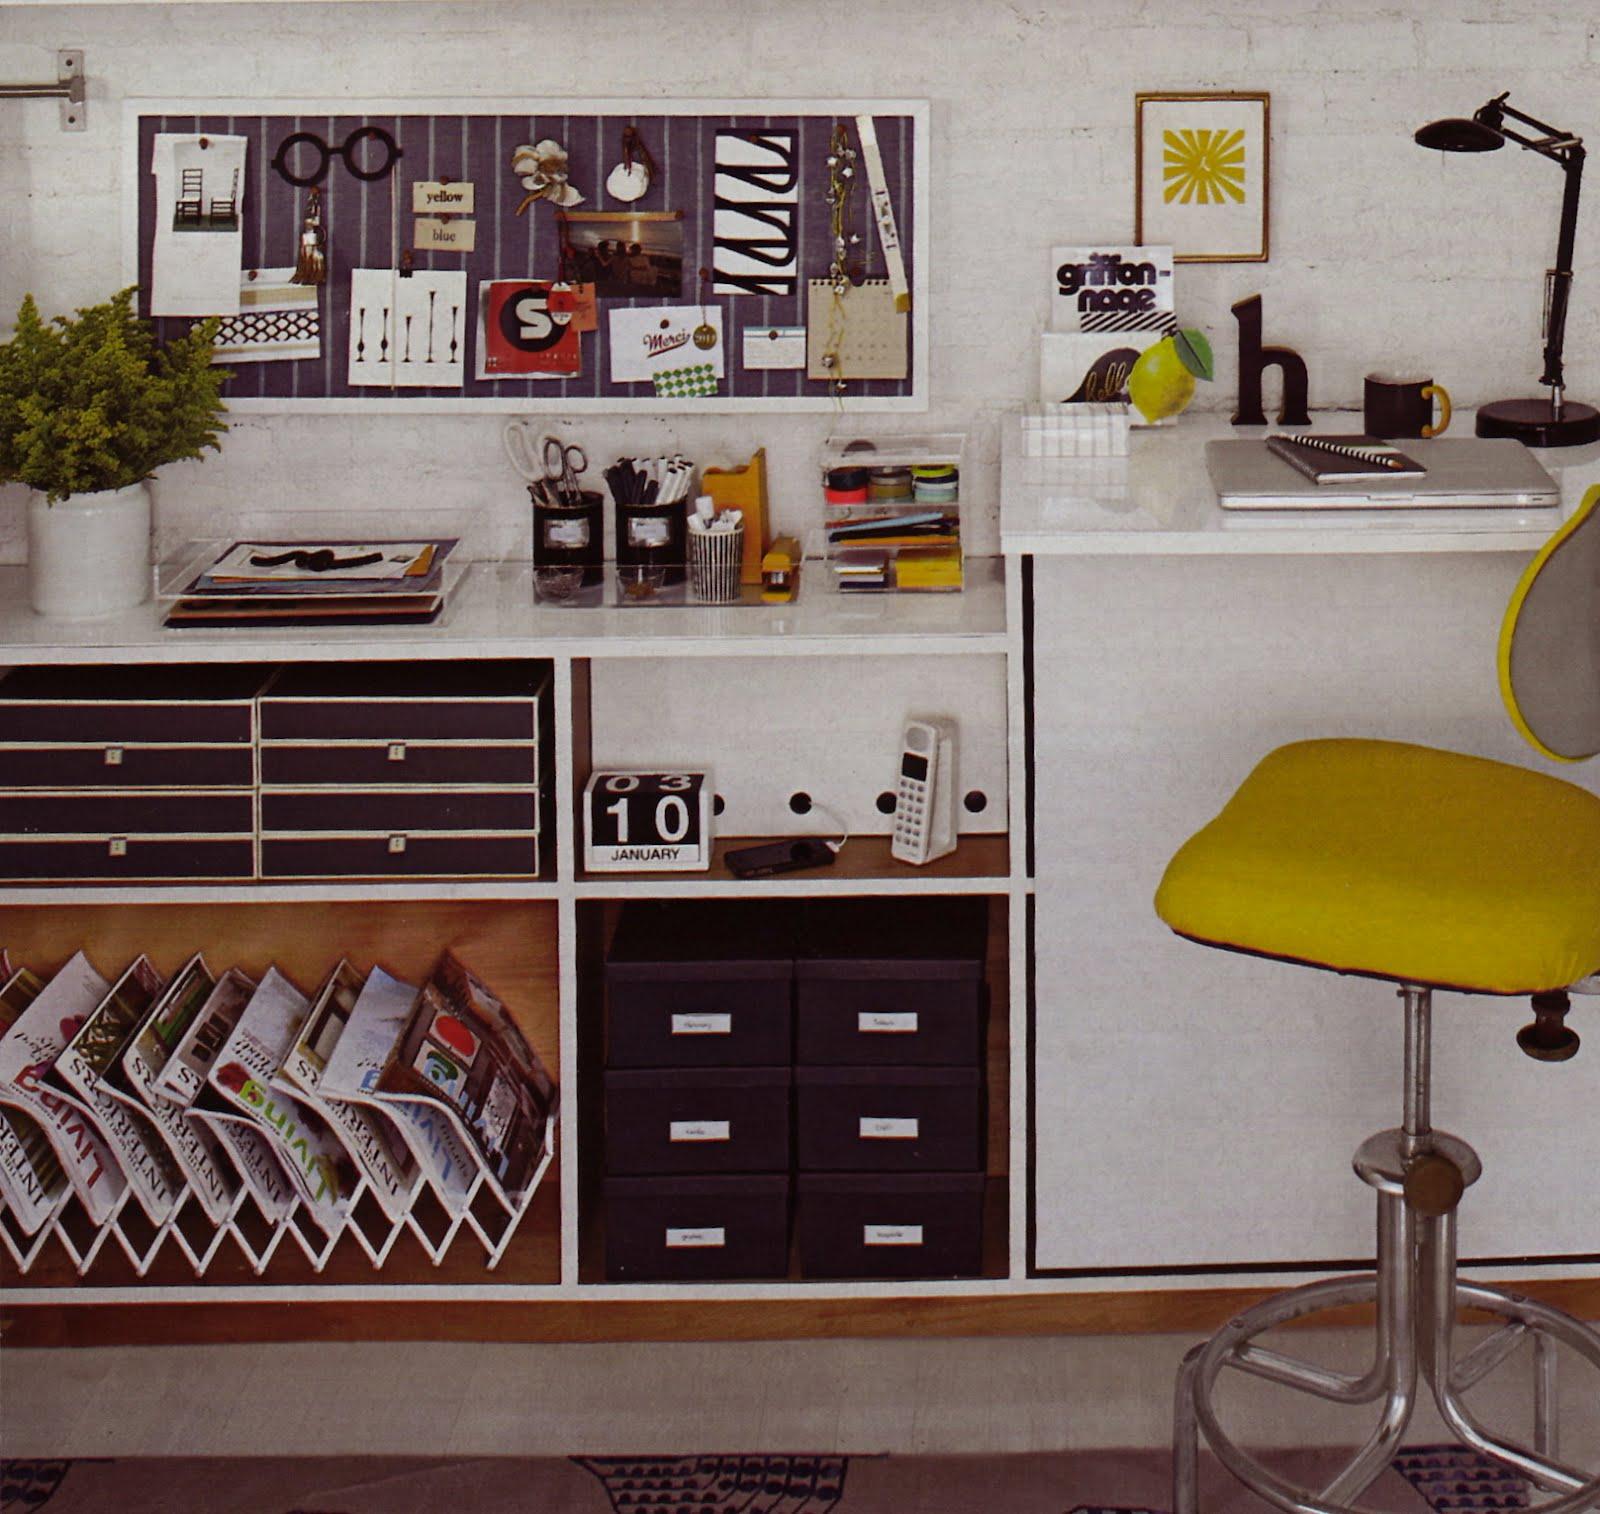 office-organization-ideas-1600x1514-malka-in-the-closet-april-2012-urumix.com.jpg